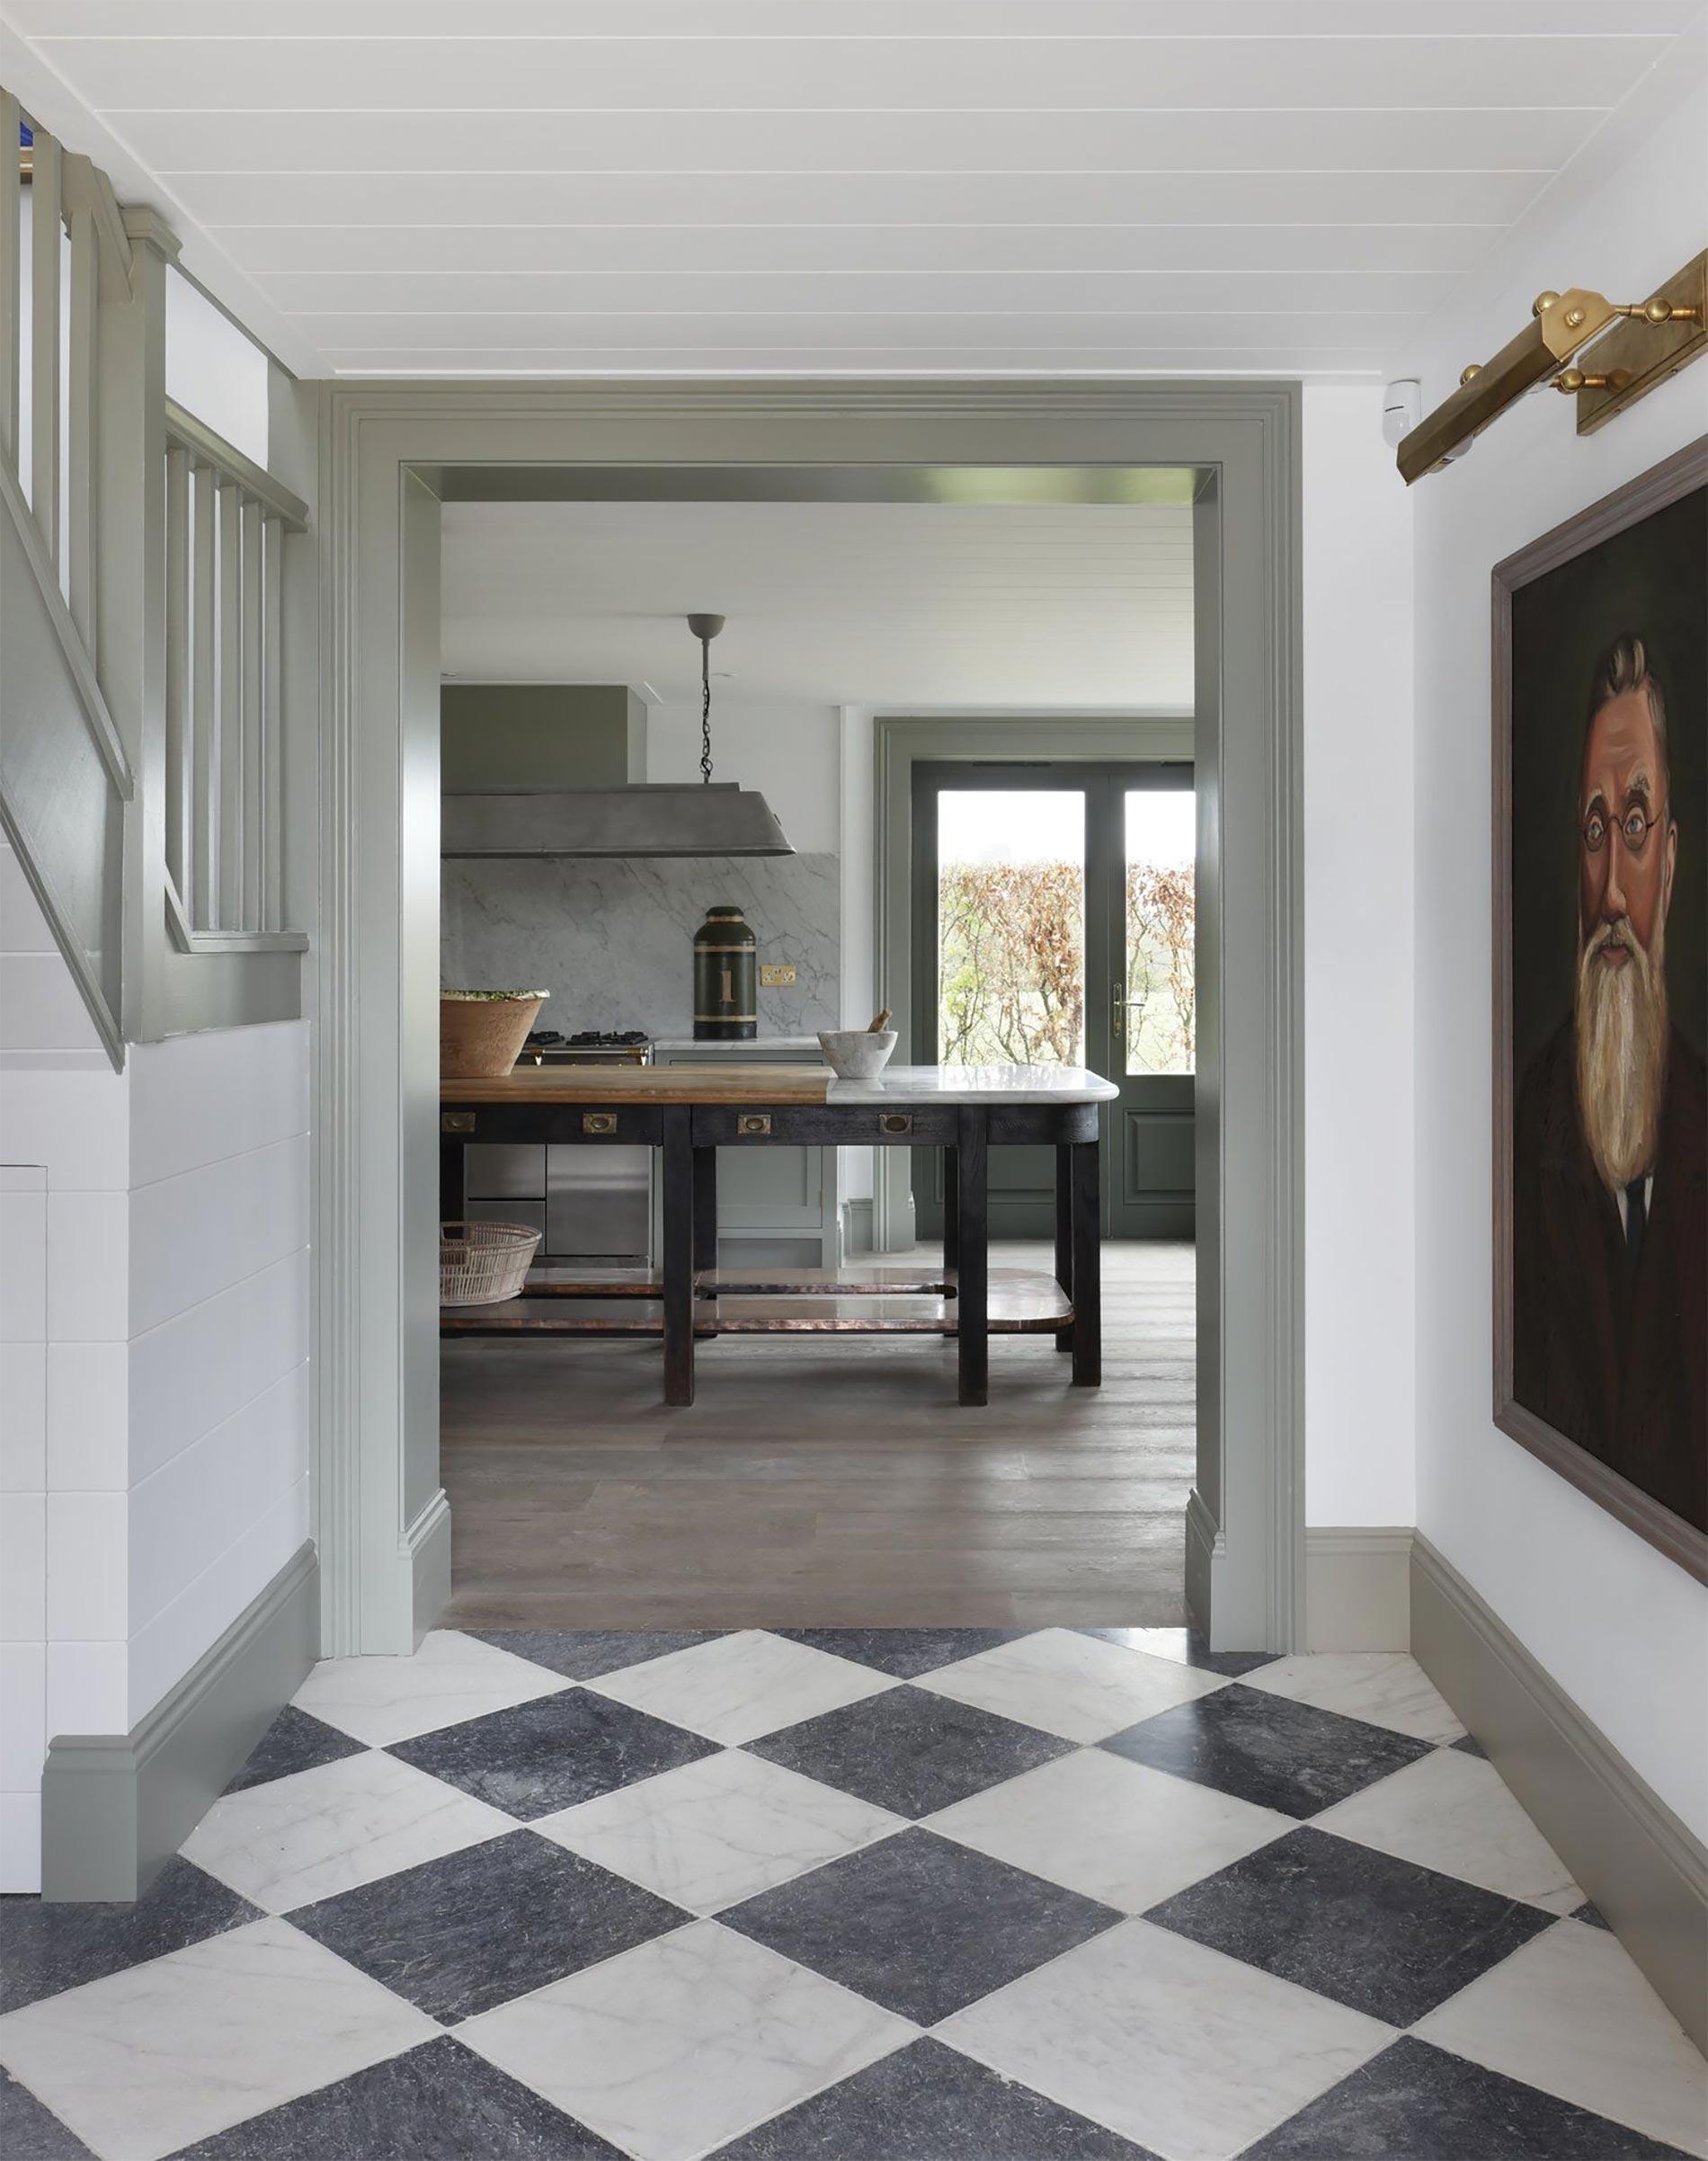 recuperare pavimento in marmo palladiana e graniglia